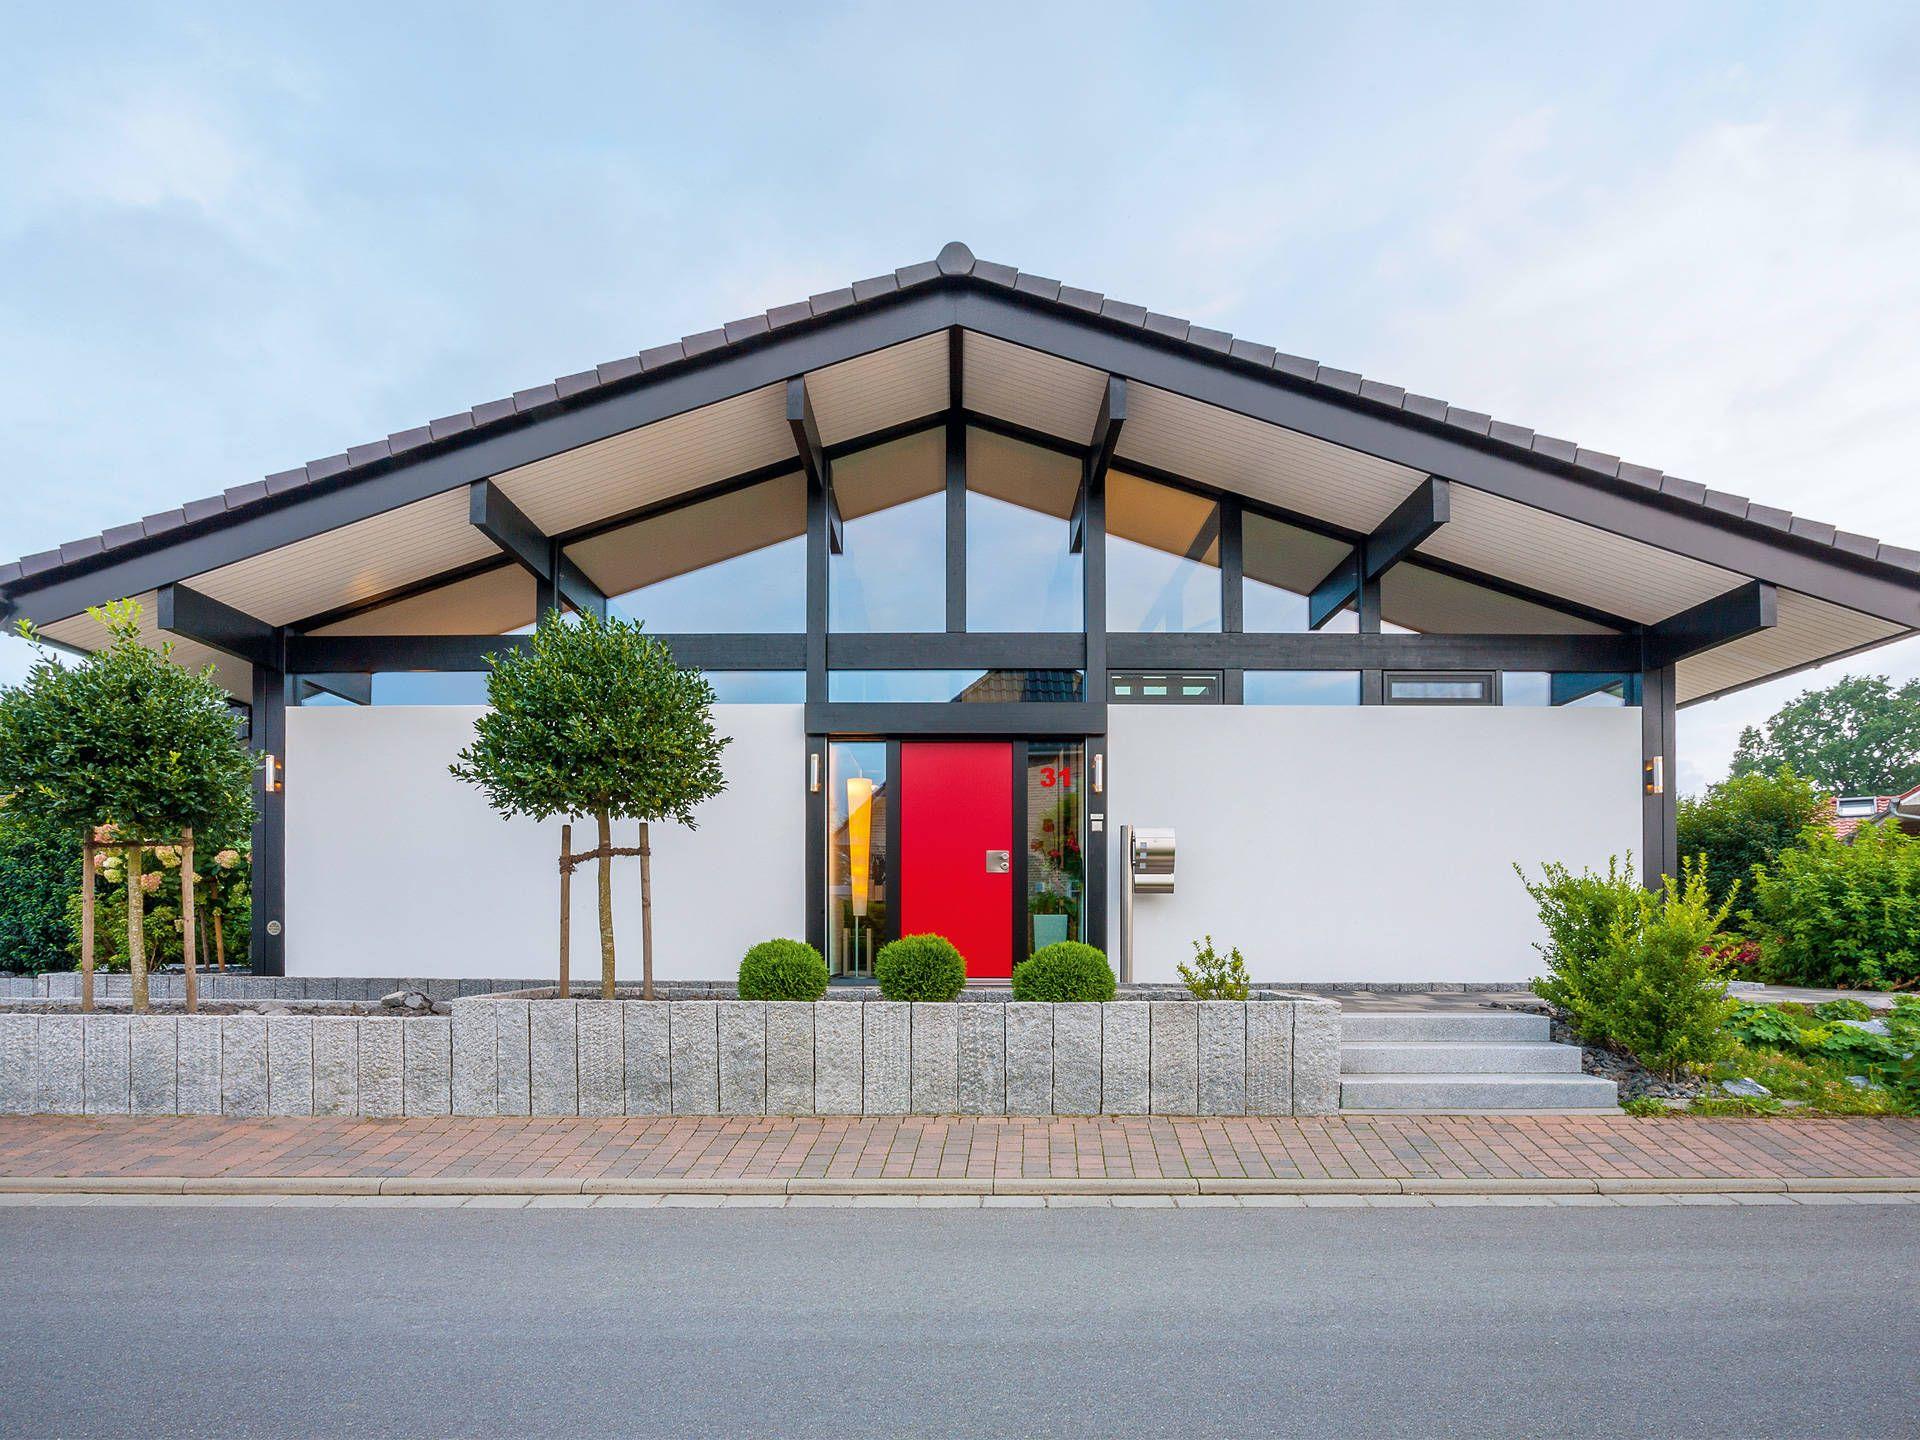 Musterhaus bungalow modern  Hauseingang vom ART 5 Bungalow von HUF Haus • Mit Musterhaus.net ...